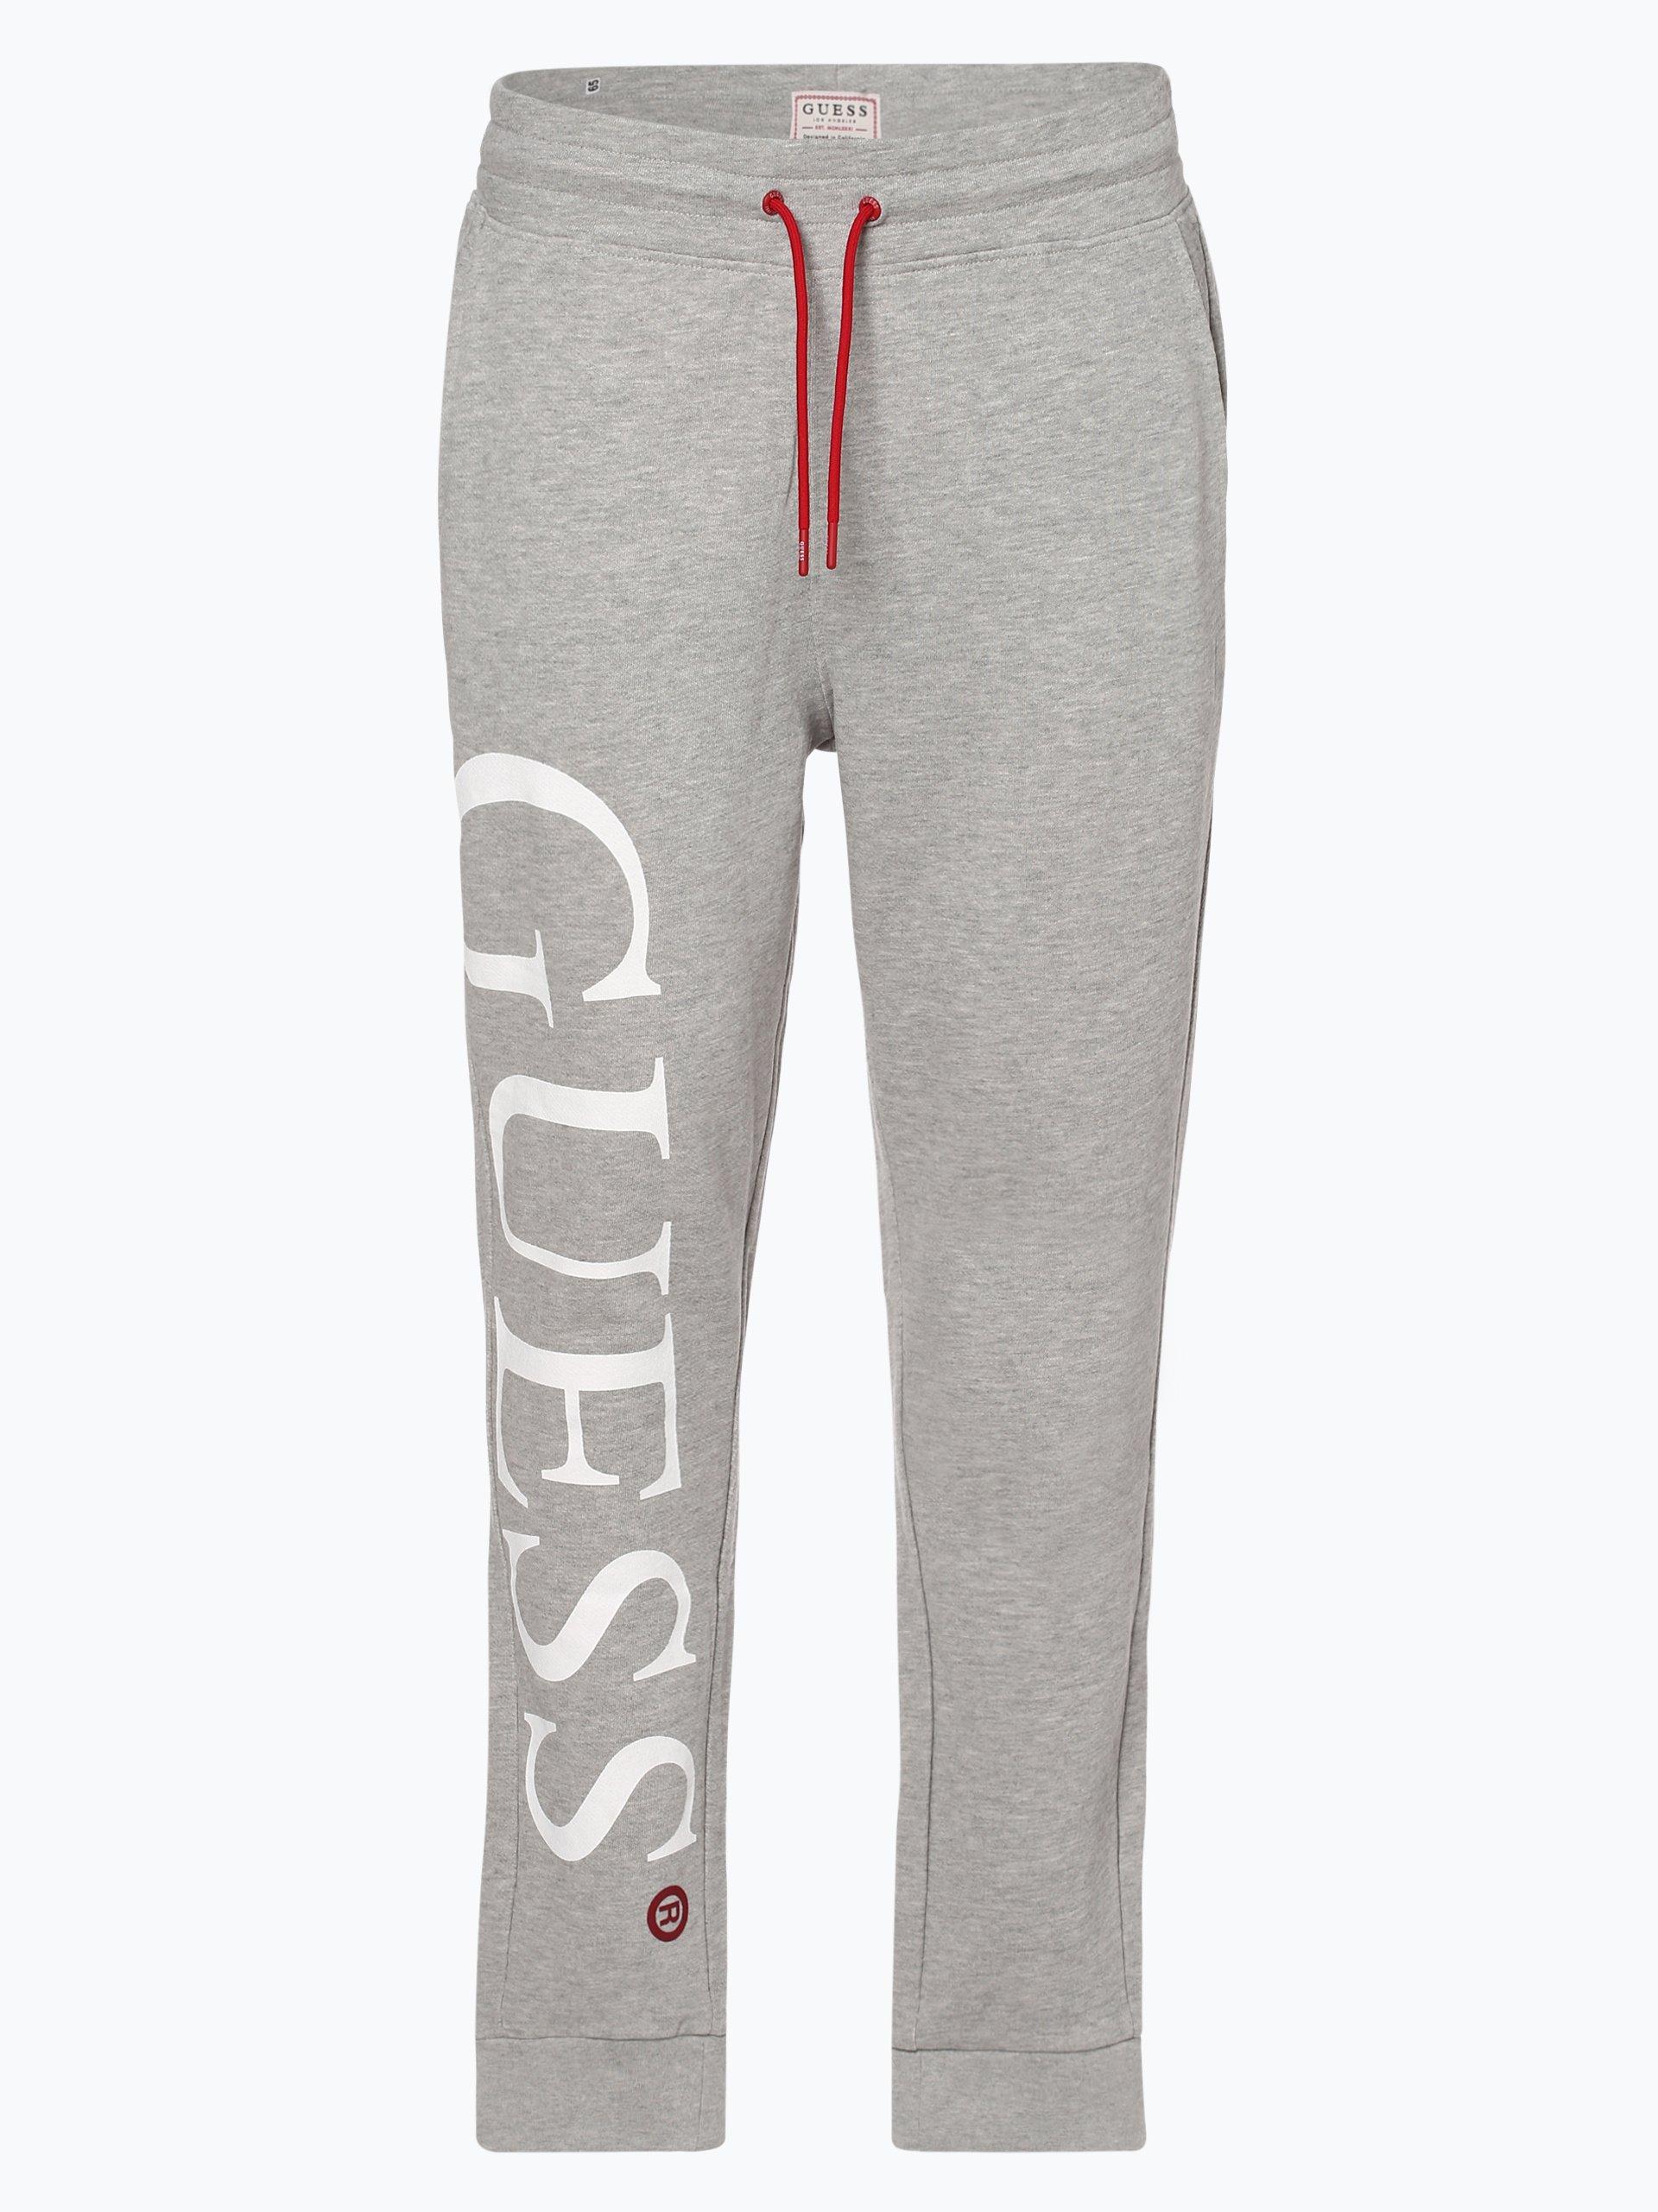 Guess Jeans Spodnie dresowe męskie